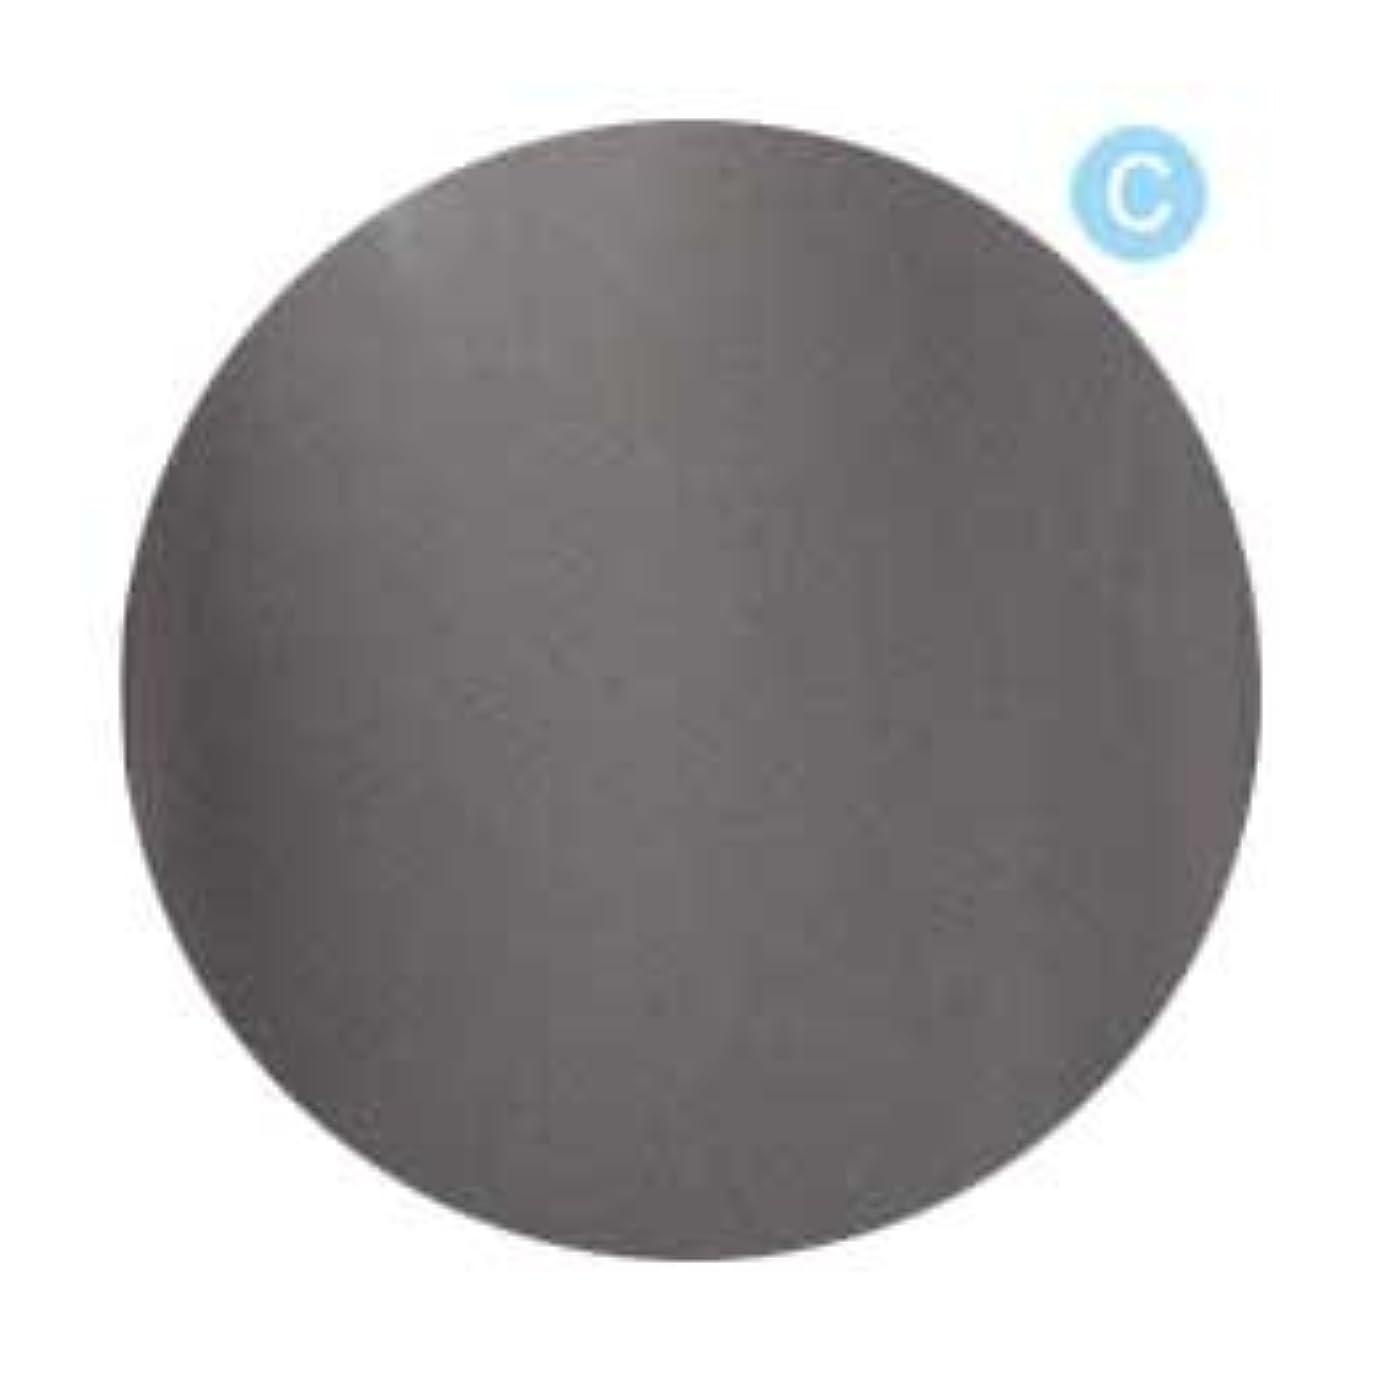 質素な不良品球状Palms Graceful カラージェル 3g 026 クリアブラック